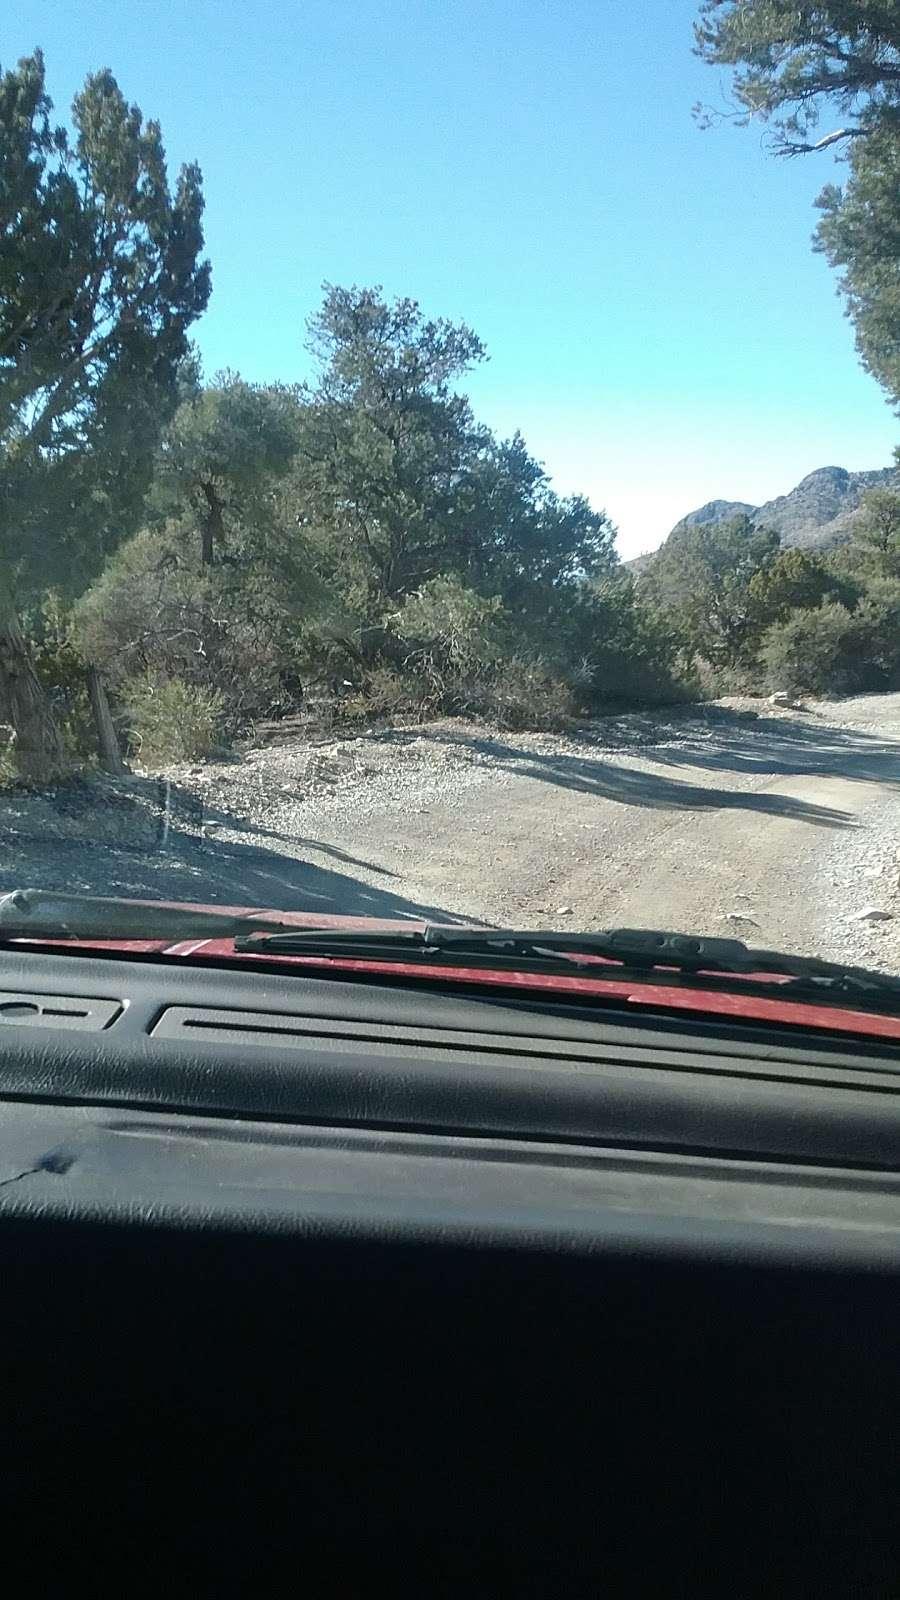 Camp Potosi Park - park    Photo 8 of 10   Address: 11480 Mount Potosi Canyon Rd, Las Vegas, NV 89124, USA   Phone: (702) 455-8200